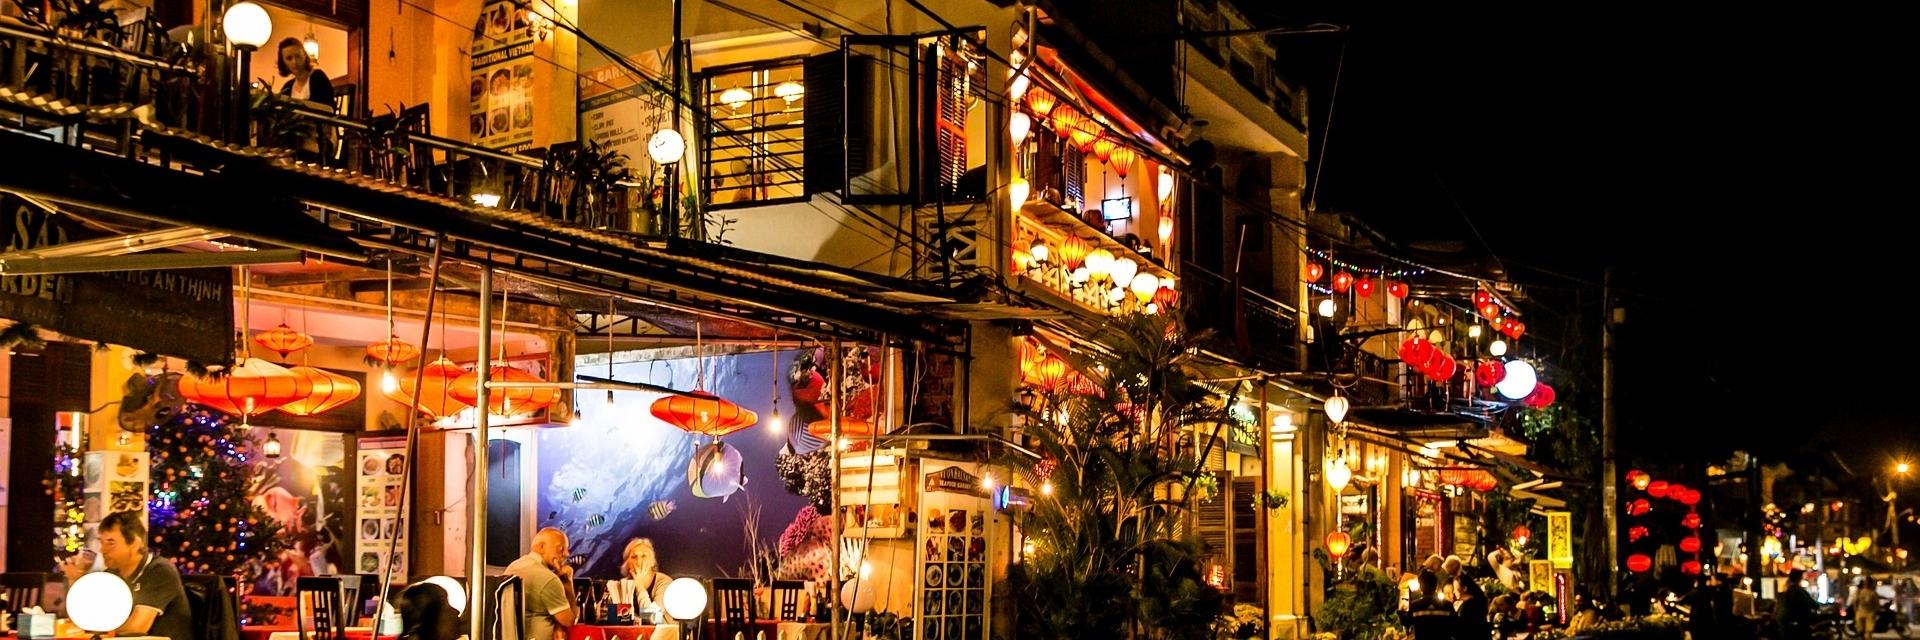 https://gody.vn/blog/23597744809313166493/post/endless-summer-ve-tham-1-lan-xu-quang-4317